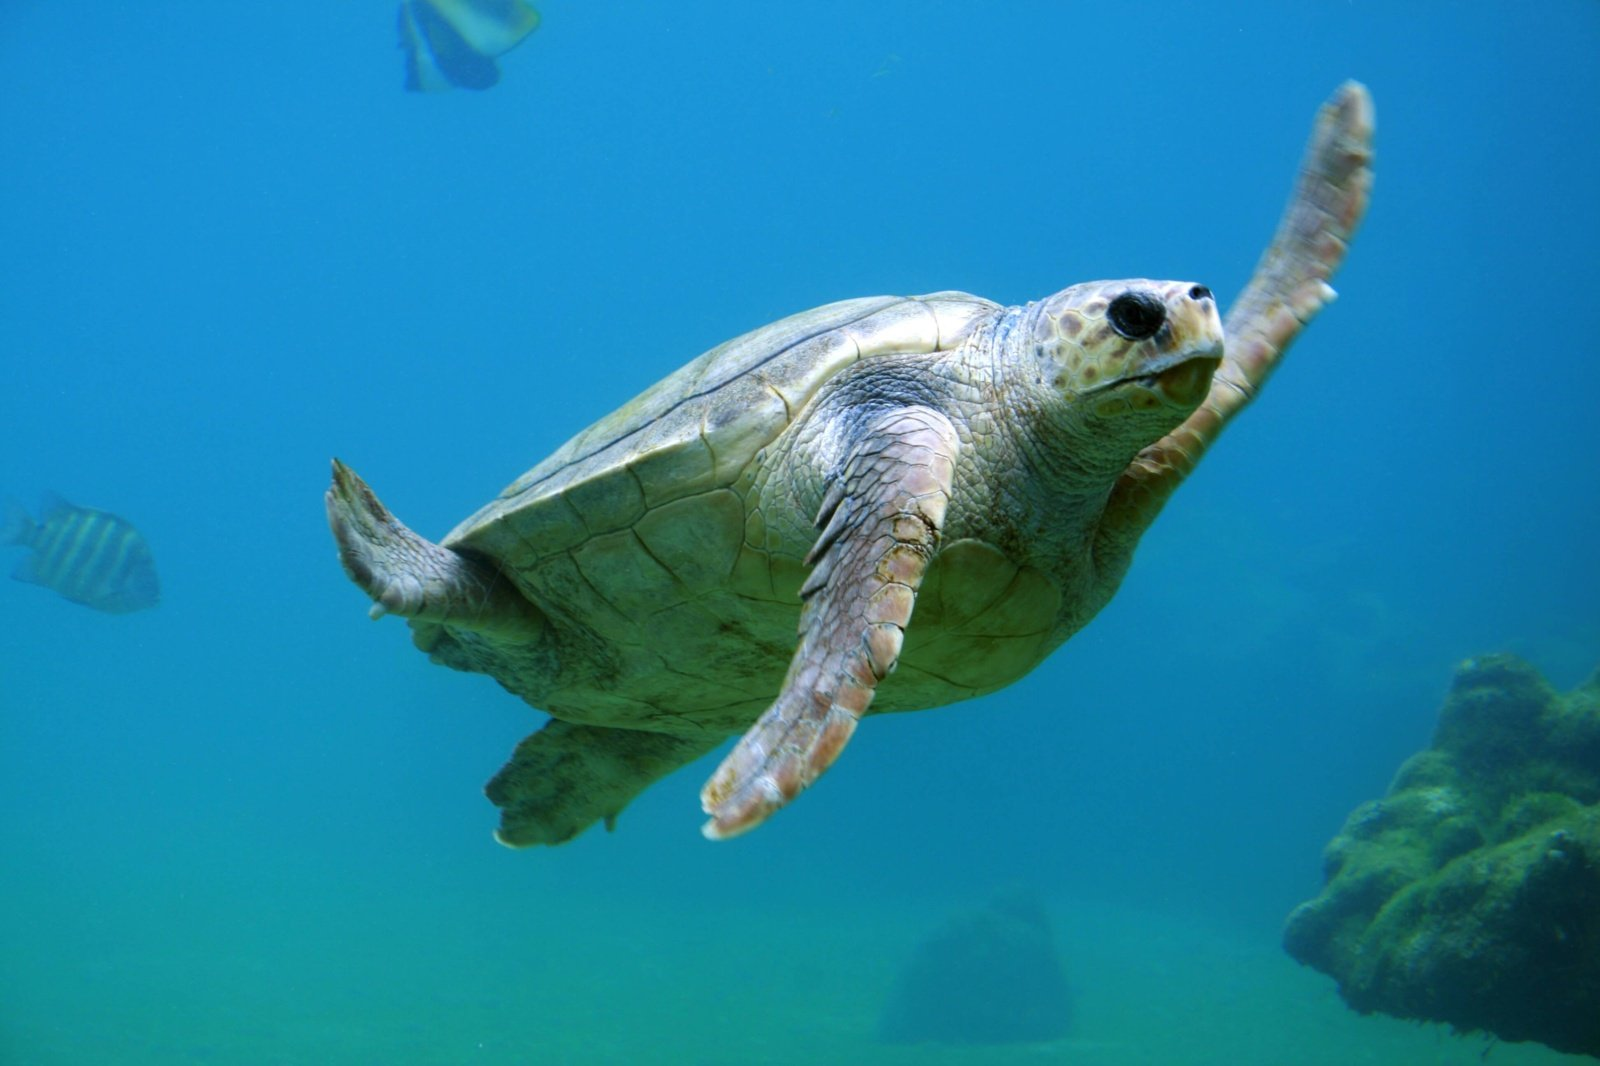 Mokslininkai pirmą kartą plastiko aptiko jūrinių vėžlių raumenyse